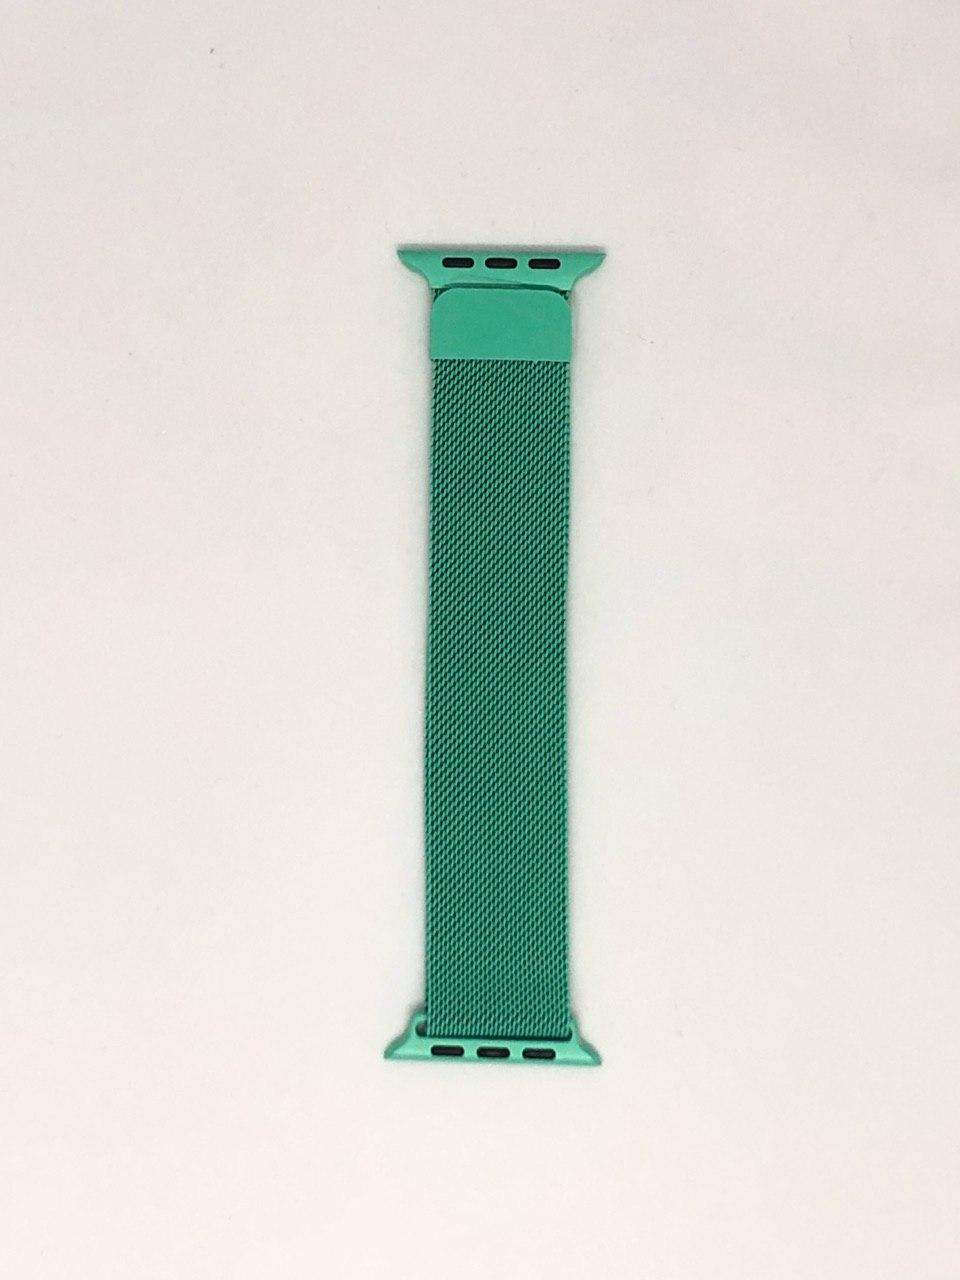 Миланская петля Apple watch 38/40 mm - №20, ремешок металлический